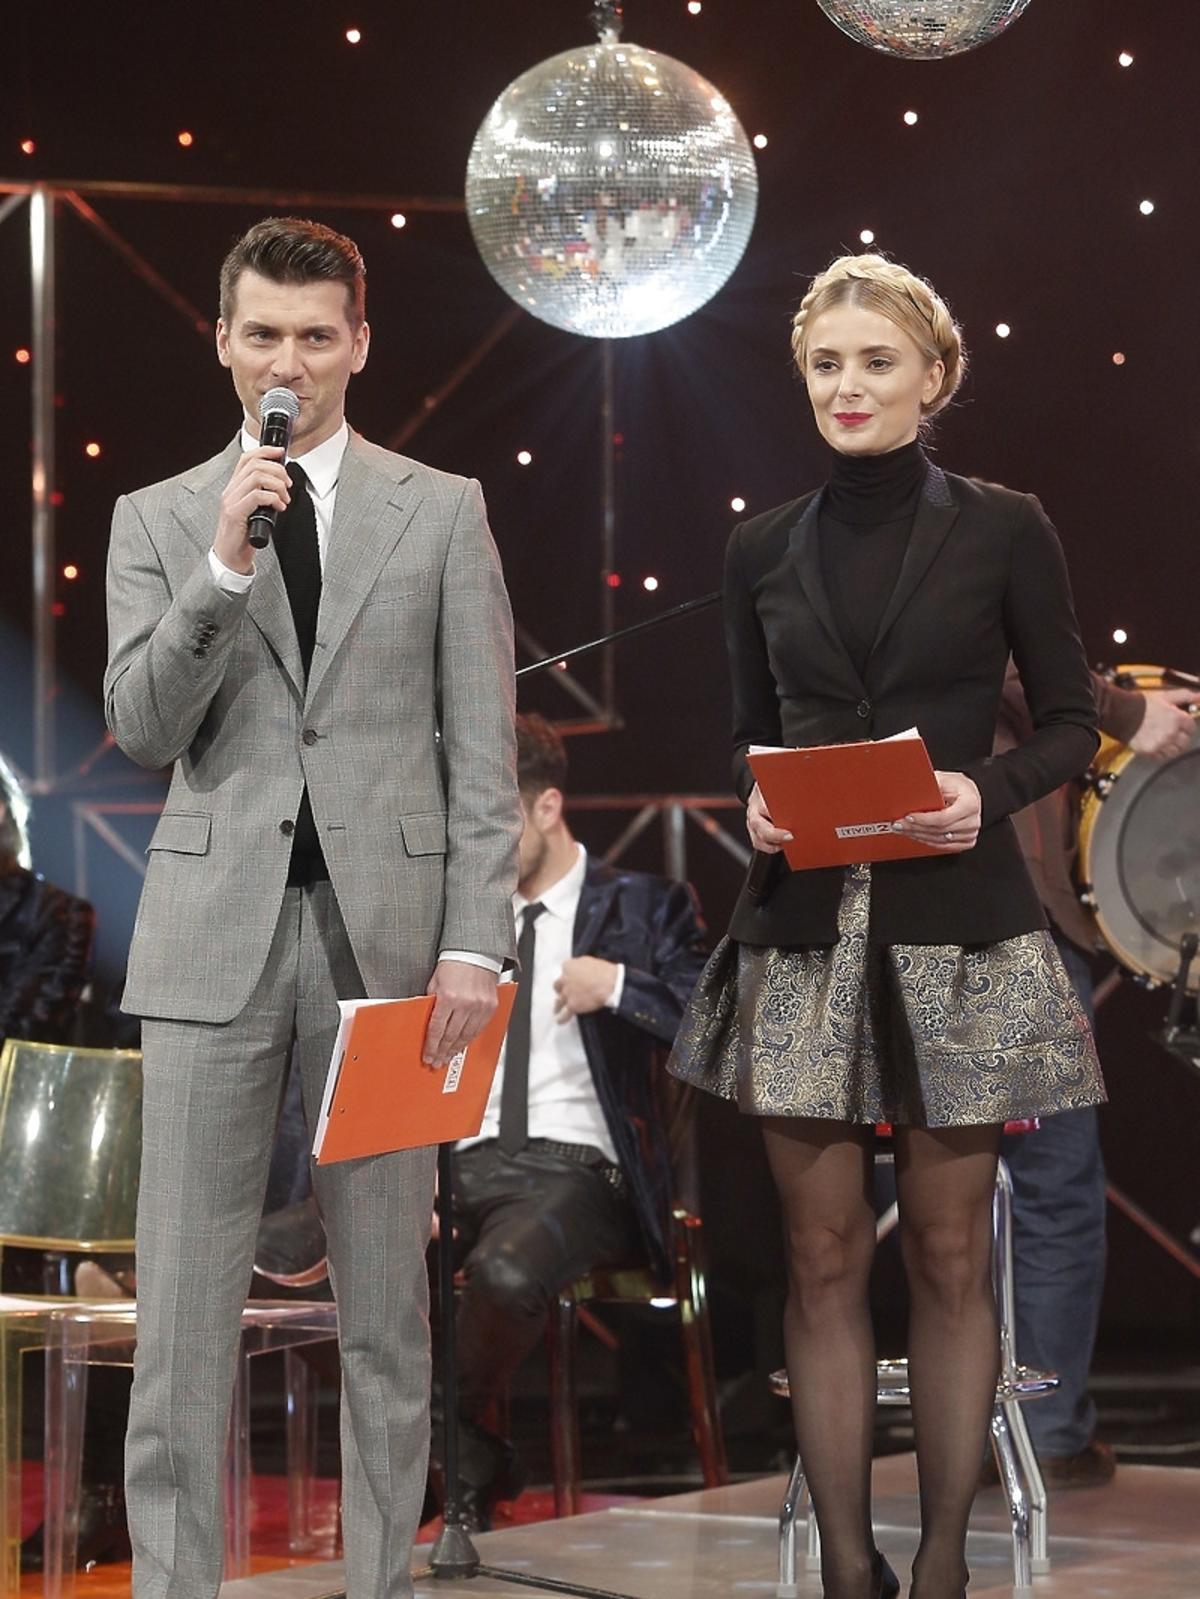 Tomasz Kammel i Halina Mlynkova na konferencji Sylwester z Dwójką we Wrocławiu 2014/2015